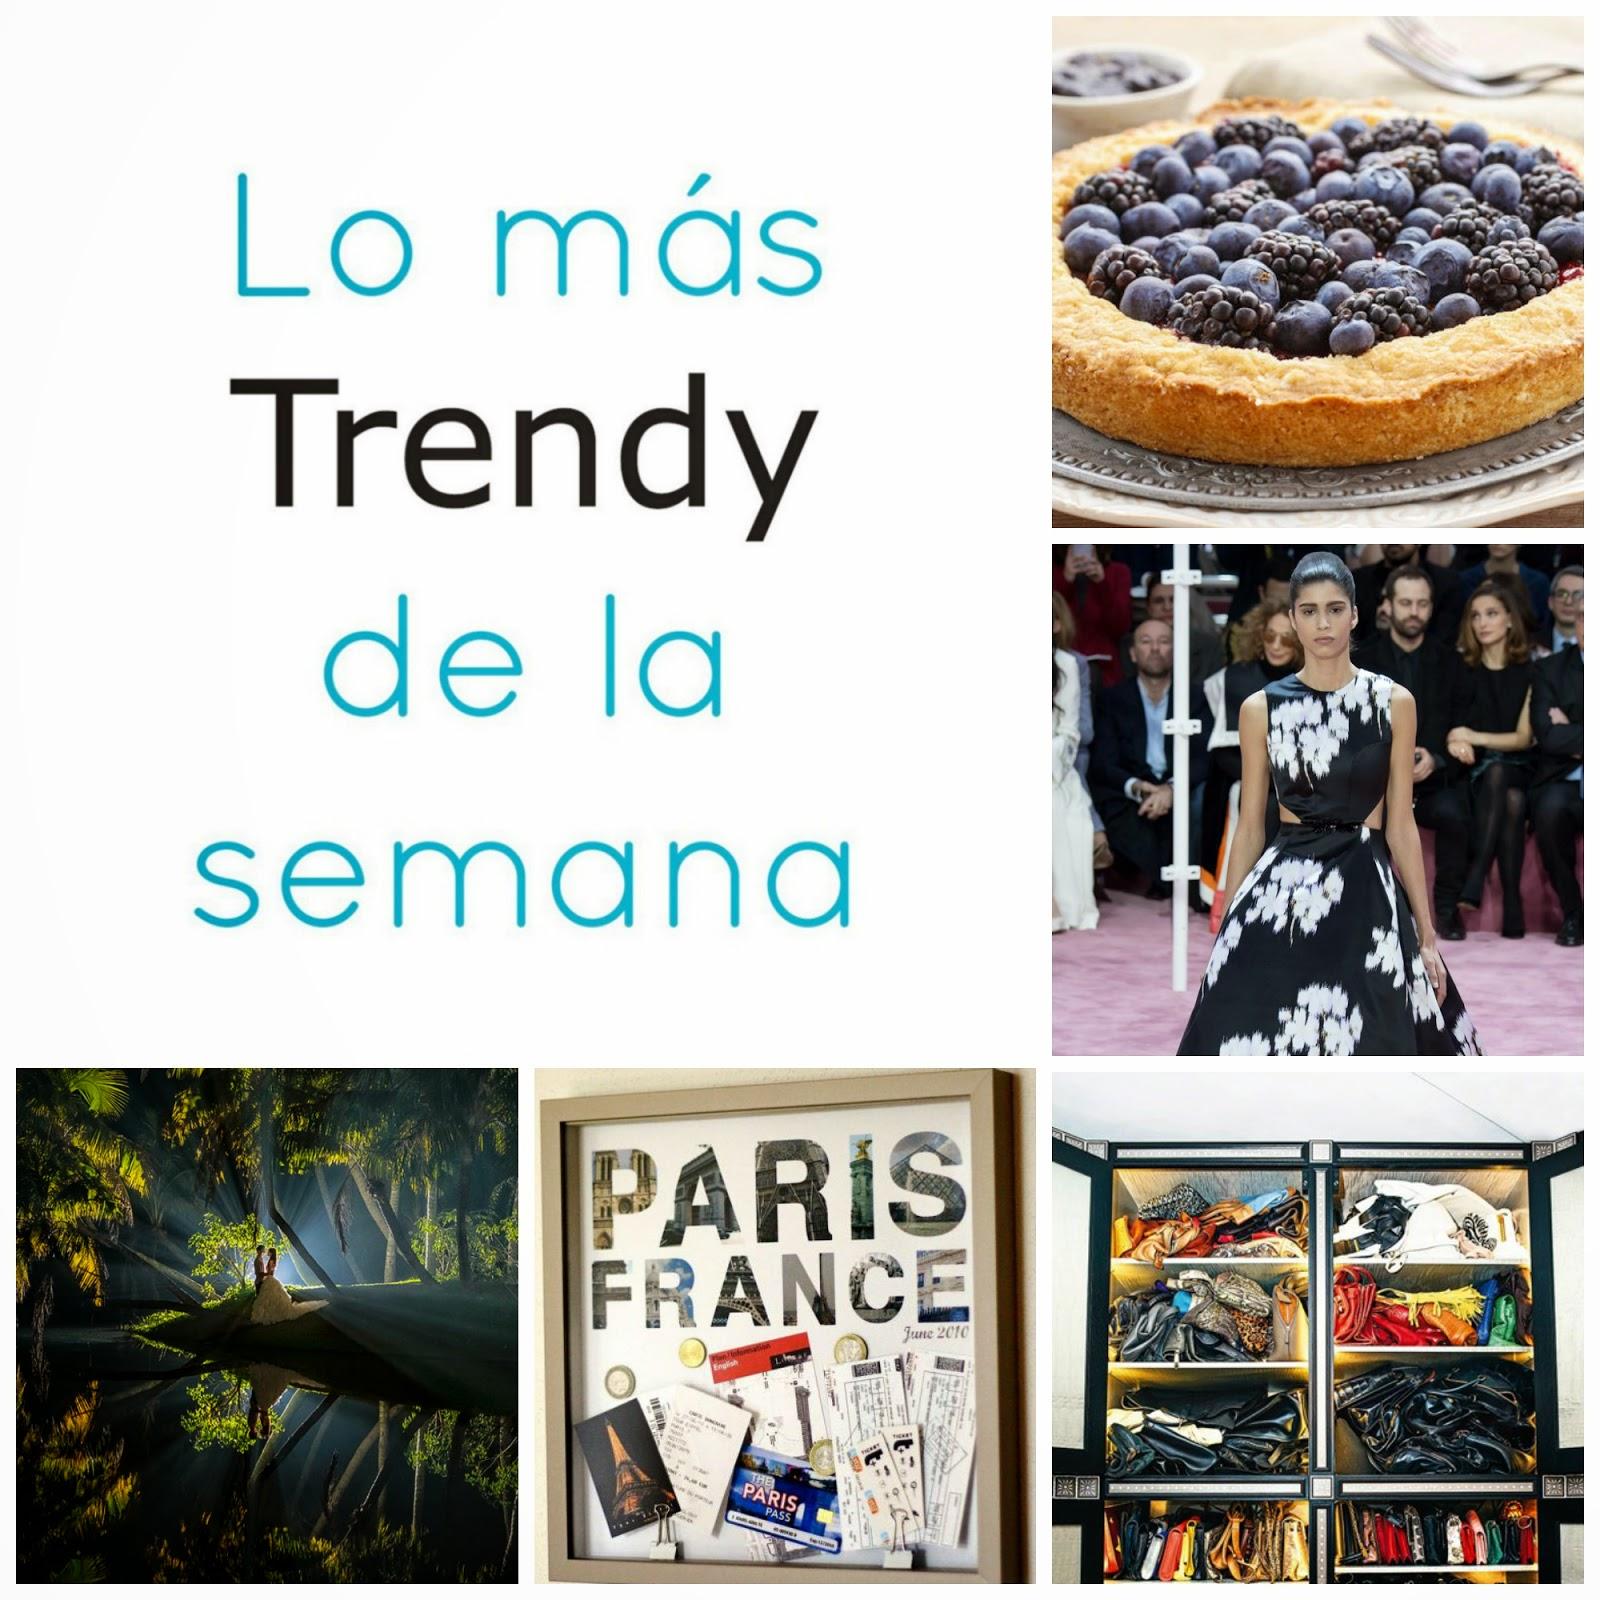 Recomendaciones fin de semana lo mas trendy planes Madrid estilo estilista moda